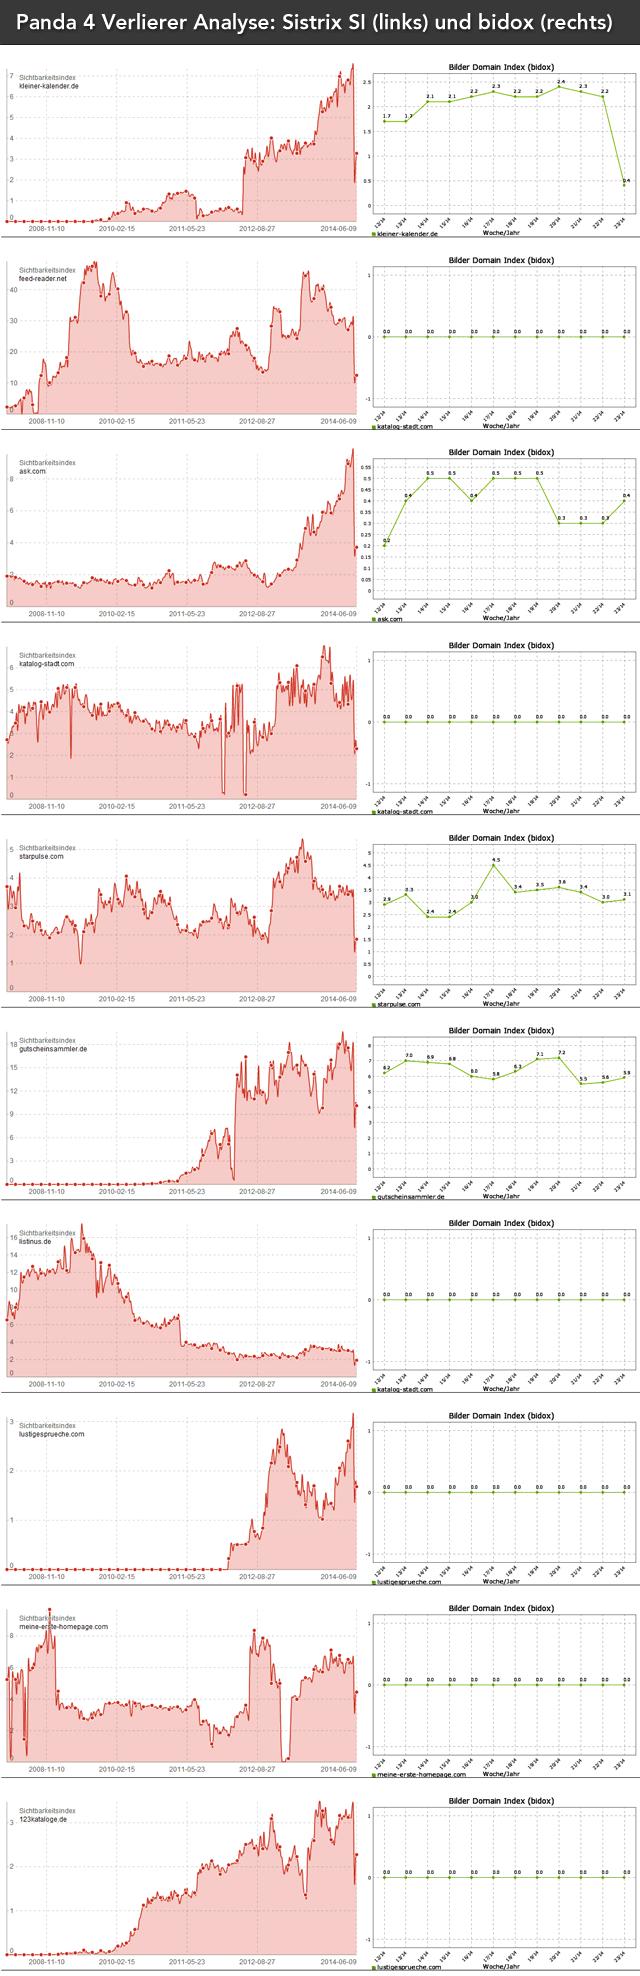 Panda 4 Analyse der Verlierer (Sichtbarkeit im Vergleich)